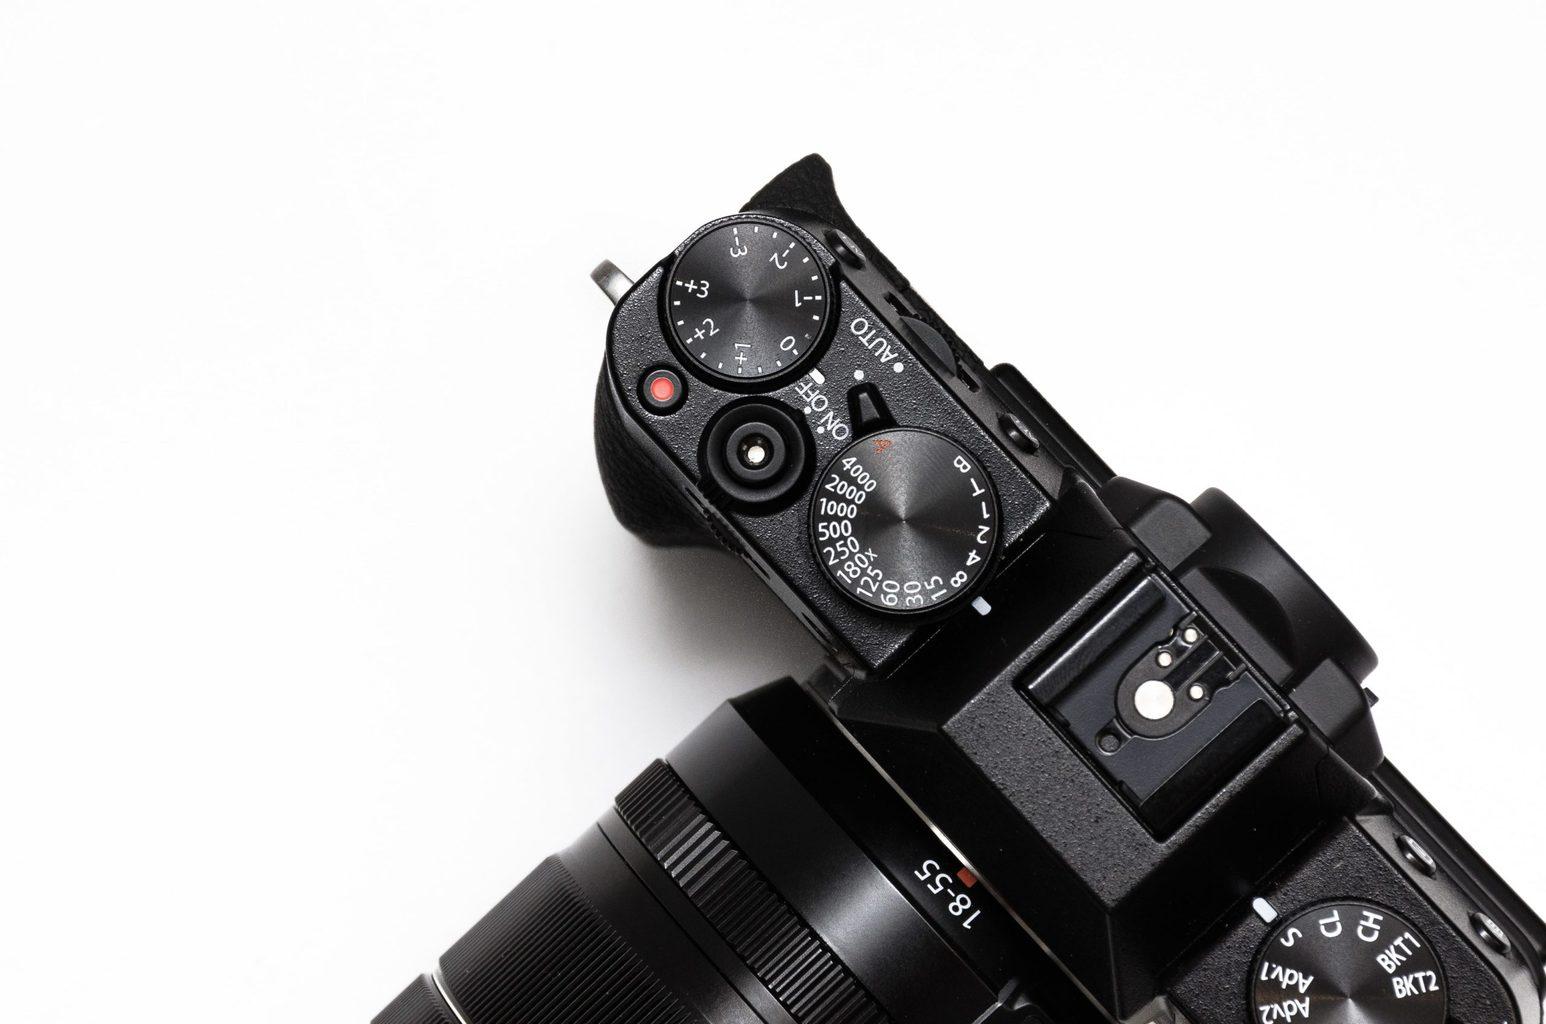 botones manuales de la cámara vistos desde arriba